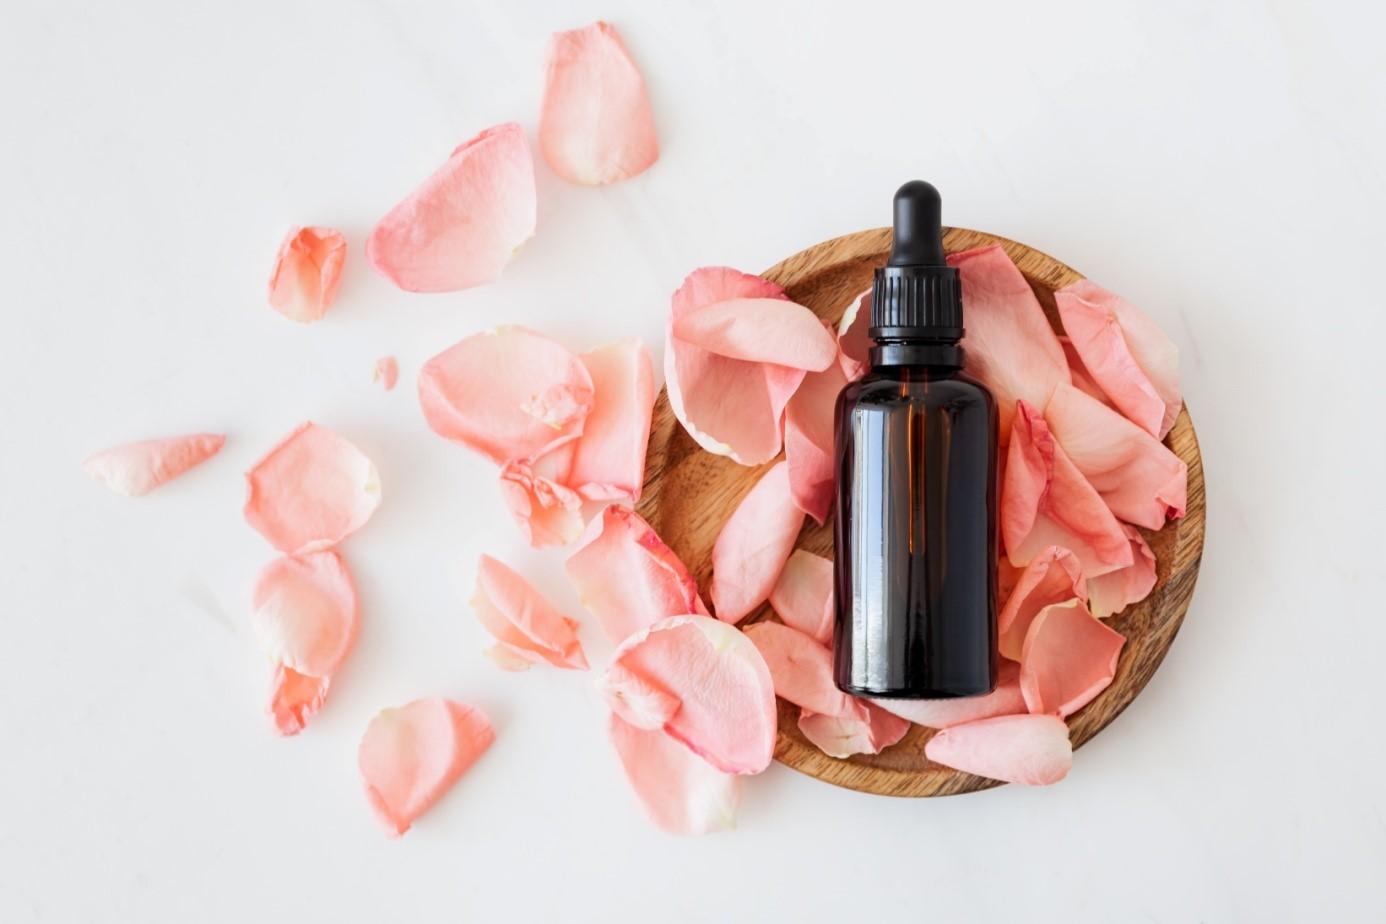 Serum, jako cudowny składnik domowej pielęgnacji - Zdjęcie główne